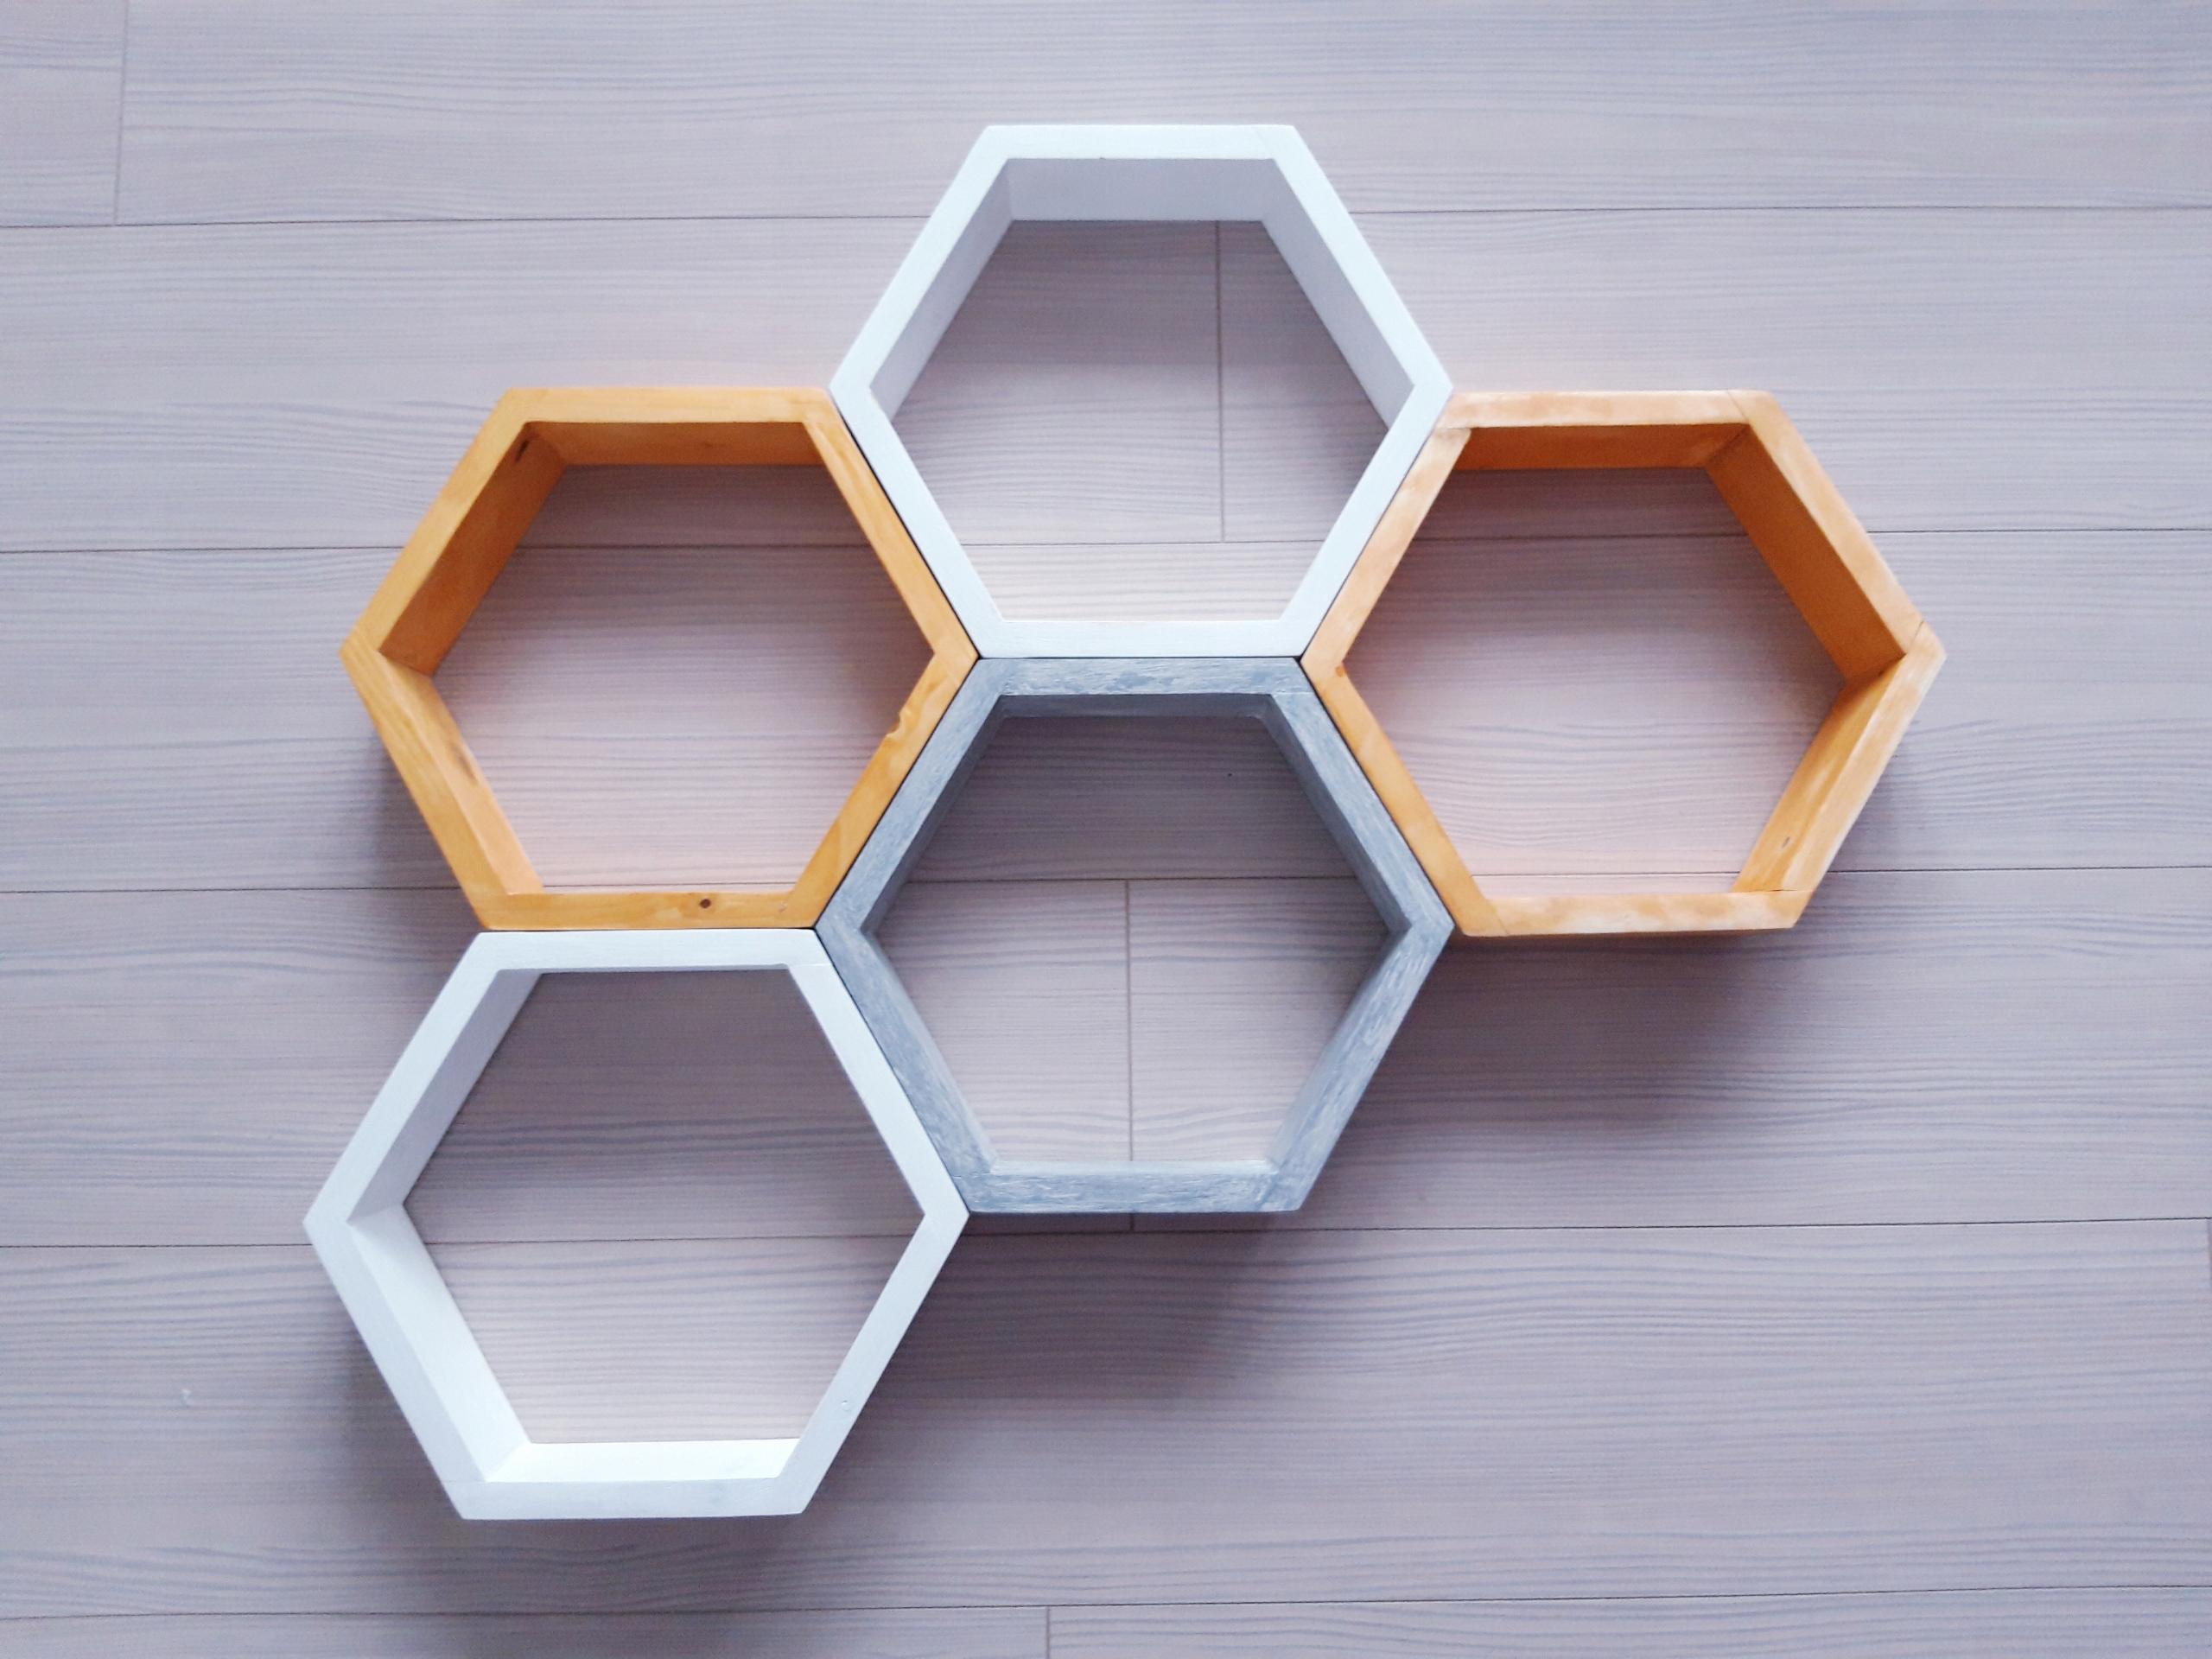 Półki Hexagon Sześciokątne Zestaw 7 Szt Producent